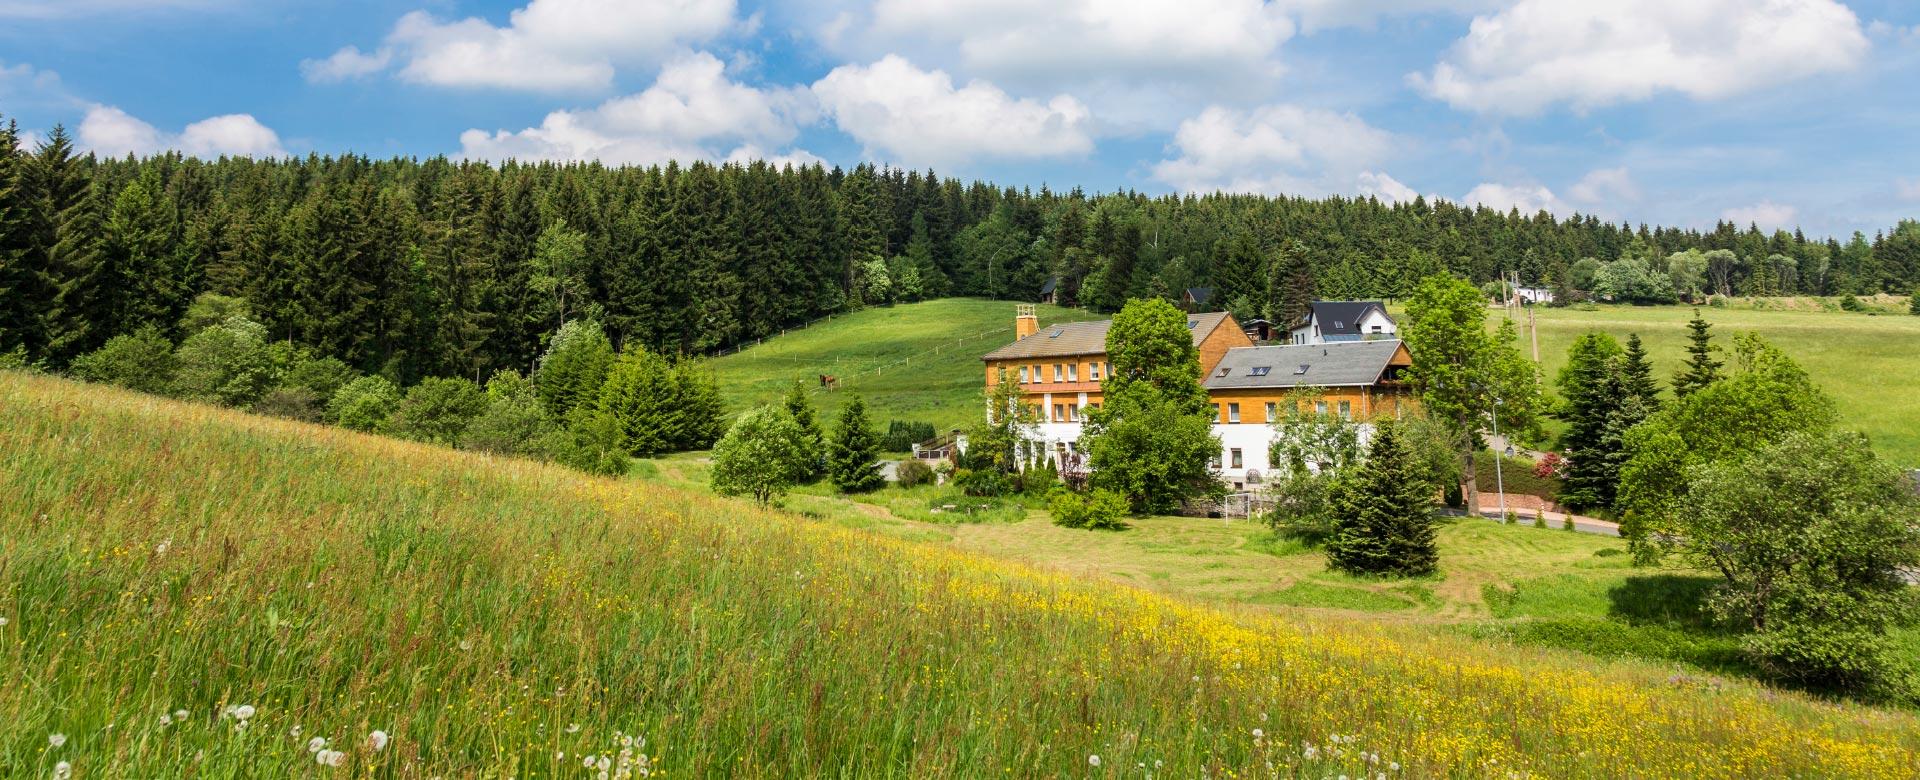 Landhaus Bergidyll Landschaft